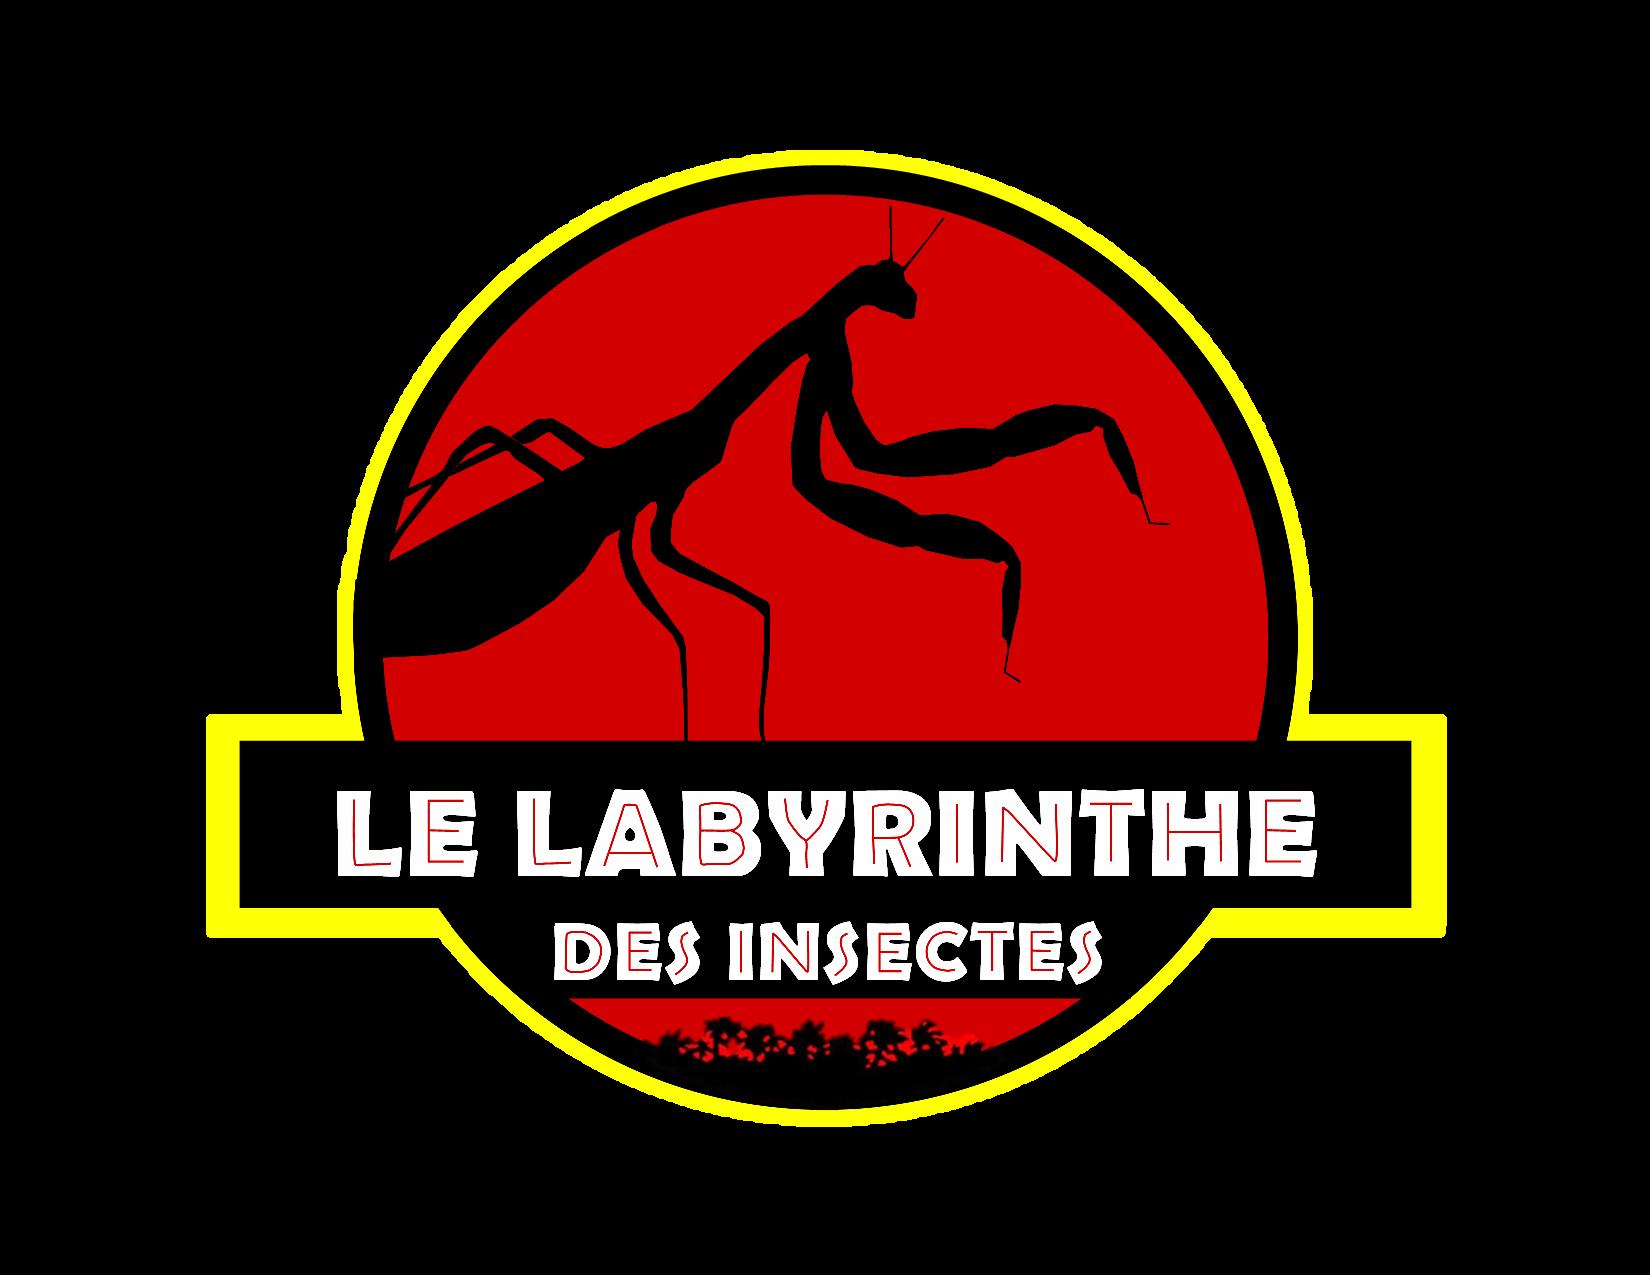 Labyrinthe des insectes